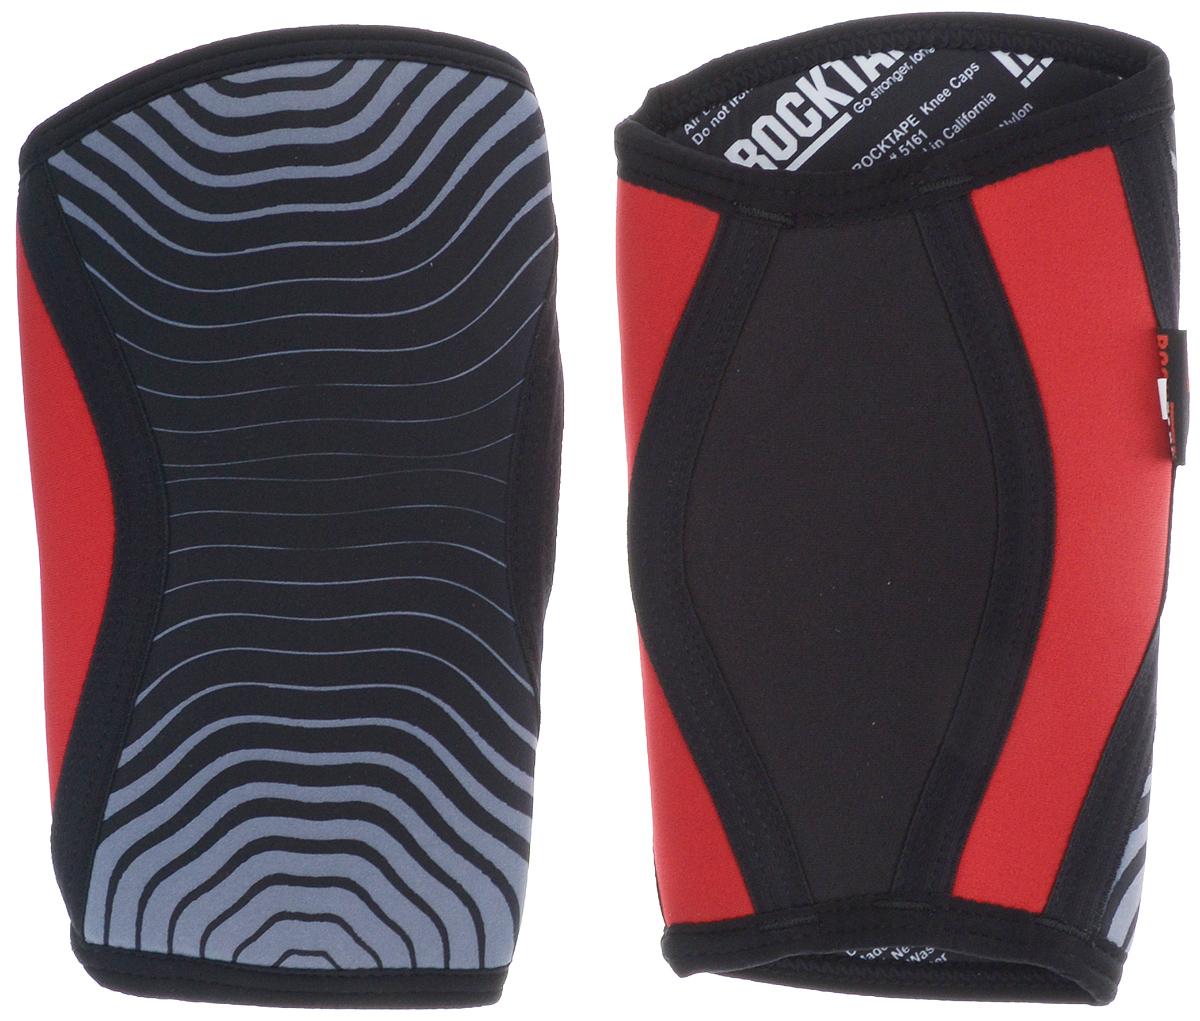 Наколенники Rocktape KneeCaps, цвет: красный, серый, черный, толщина 5 мм, 2 шт. Размер SRTKnCps-Rd-5-SRocktape KneeCaps - это компрессионные наколенники для тяжелой атлетики/CrossFit. Наколенники созданы специально, чтобы обеспечить компрессионный и согревающий эффект, а также придать стабильность коленному суставу для выполнения функциональных движений, таких как становая тяга, пистолет, приседания со штангой.В отличие от аналогов, наколенники Rocktape KneeCaps более высокие и разработаны специально для компрессии VMO (косой медиальной широкой мышцы бедра) в месте ее прикрепления над коленной чашечкой, чтобы обеспечить надлежащую стабилизацию колена и контроль. Помимо стабилизации, они создают компрессионный и согревающий эффект, что улучшает кровоток.Толщина: 5 мм.Обхват колена: менее 29 см.